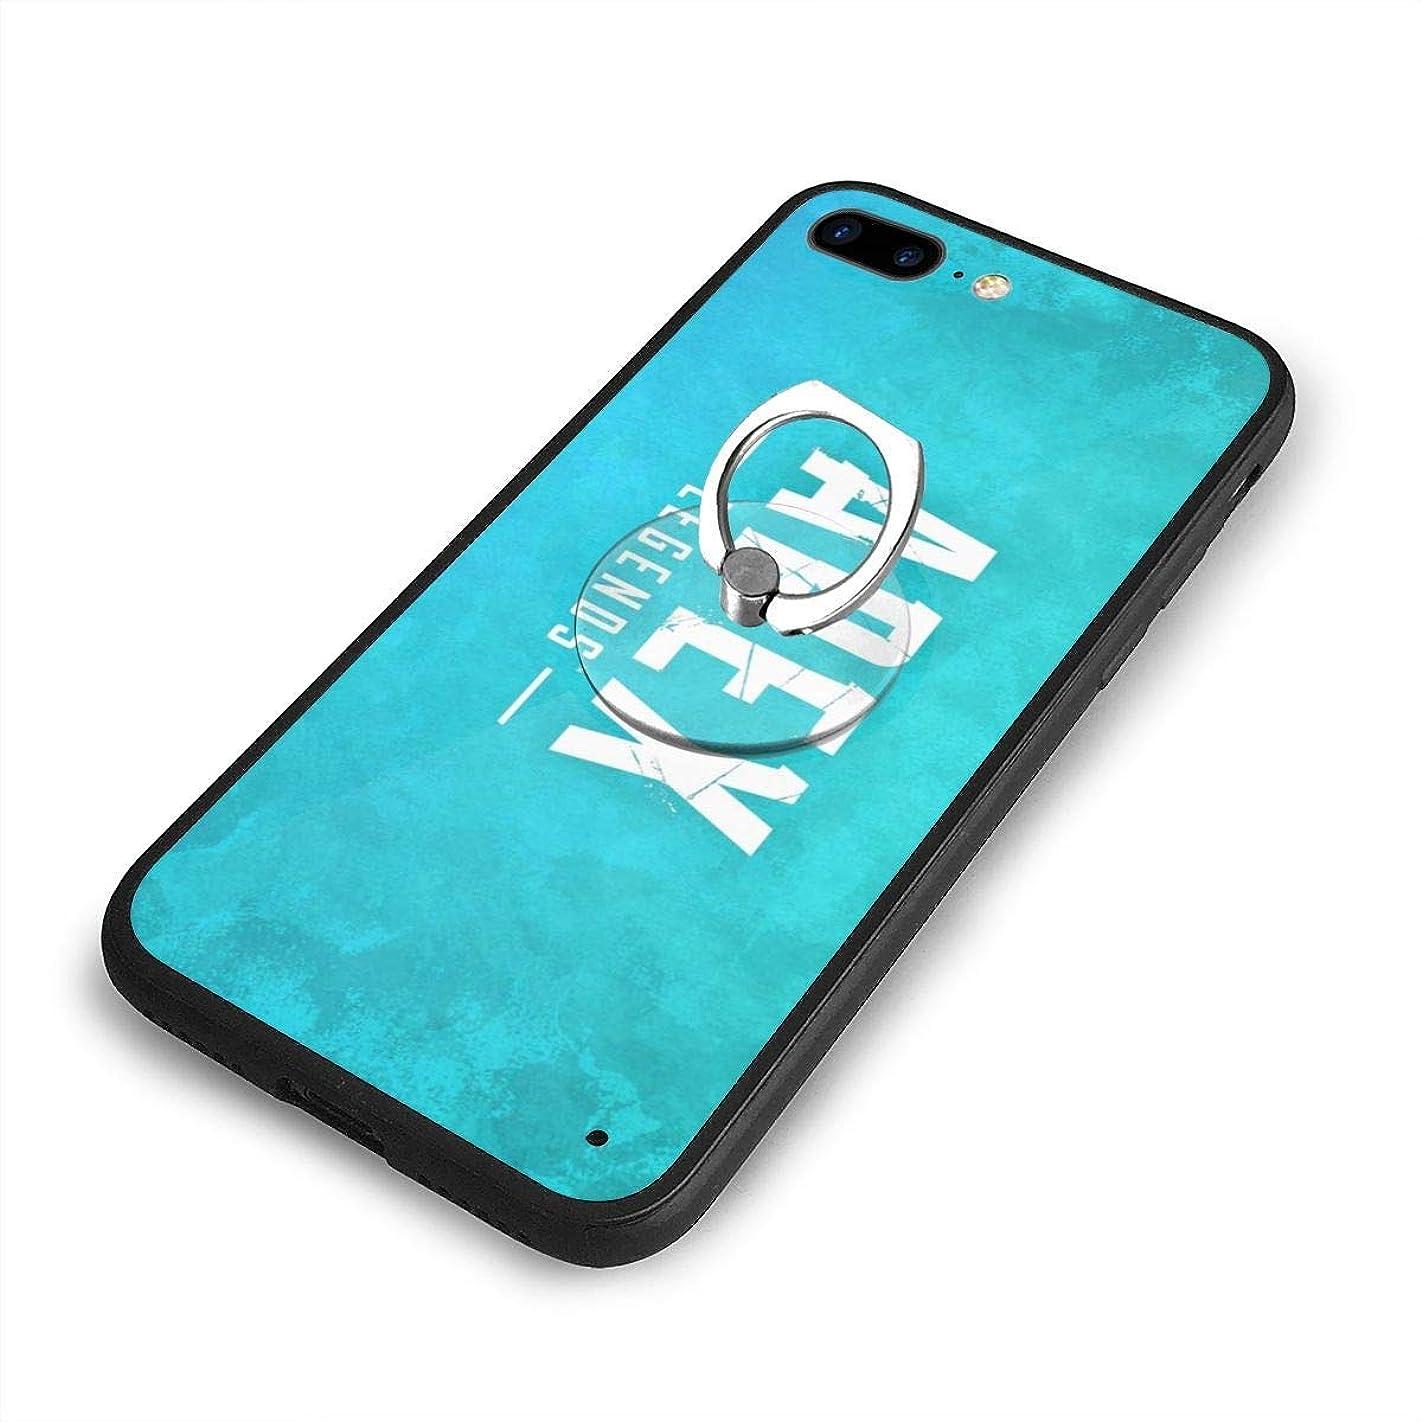 煩わしい防ぐ動的APEX アペックス伝説iPhone 7/8 Plusケースリングブラケット 携帯カバー 創意デザイン軽量 傷つけ防止 360°回転ブラケット 携帯ケース PC 衝撃防止 全面保護